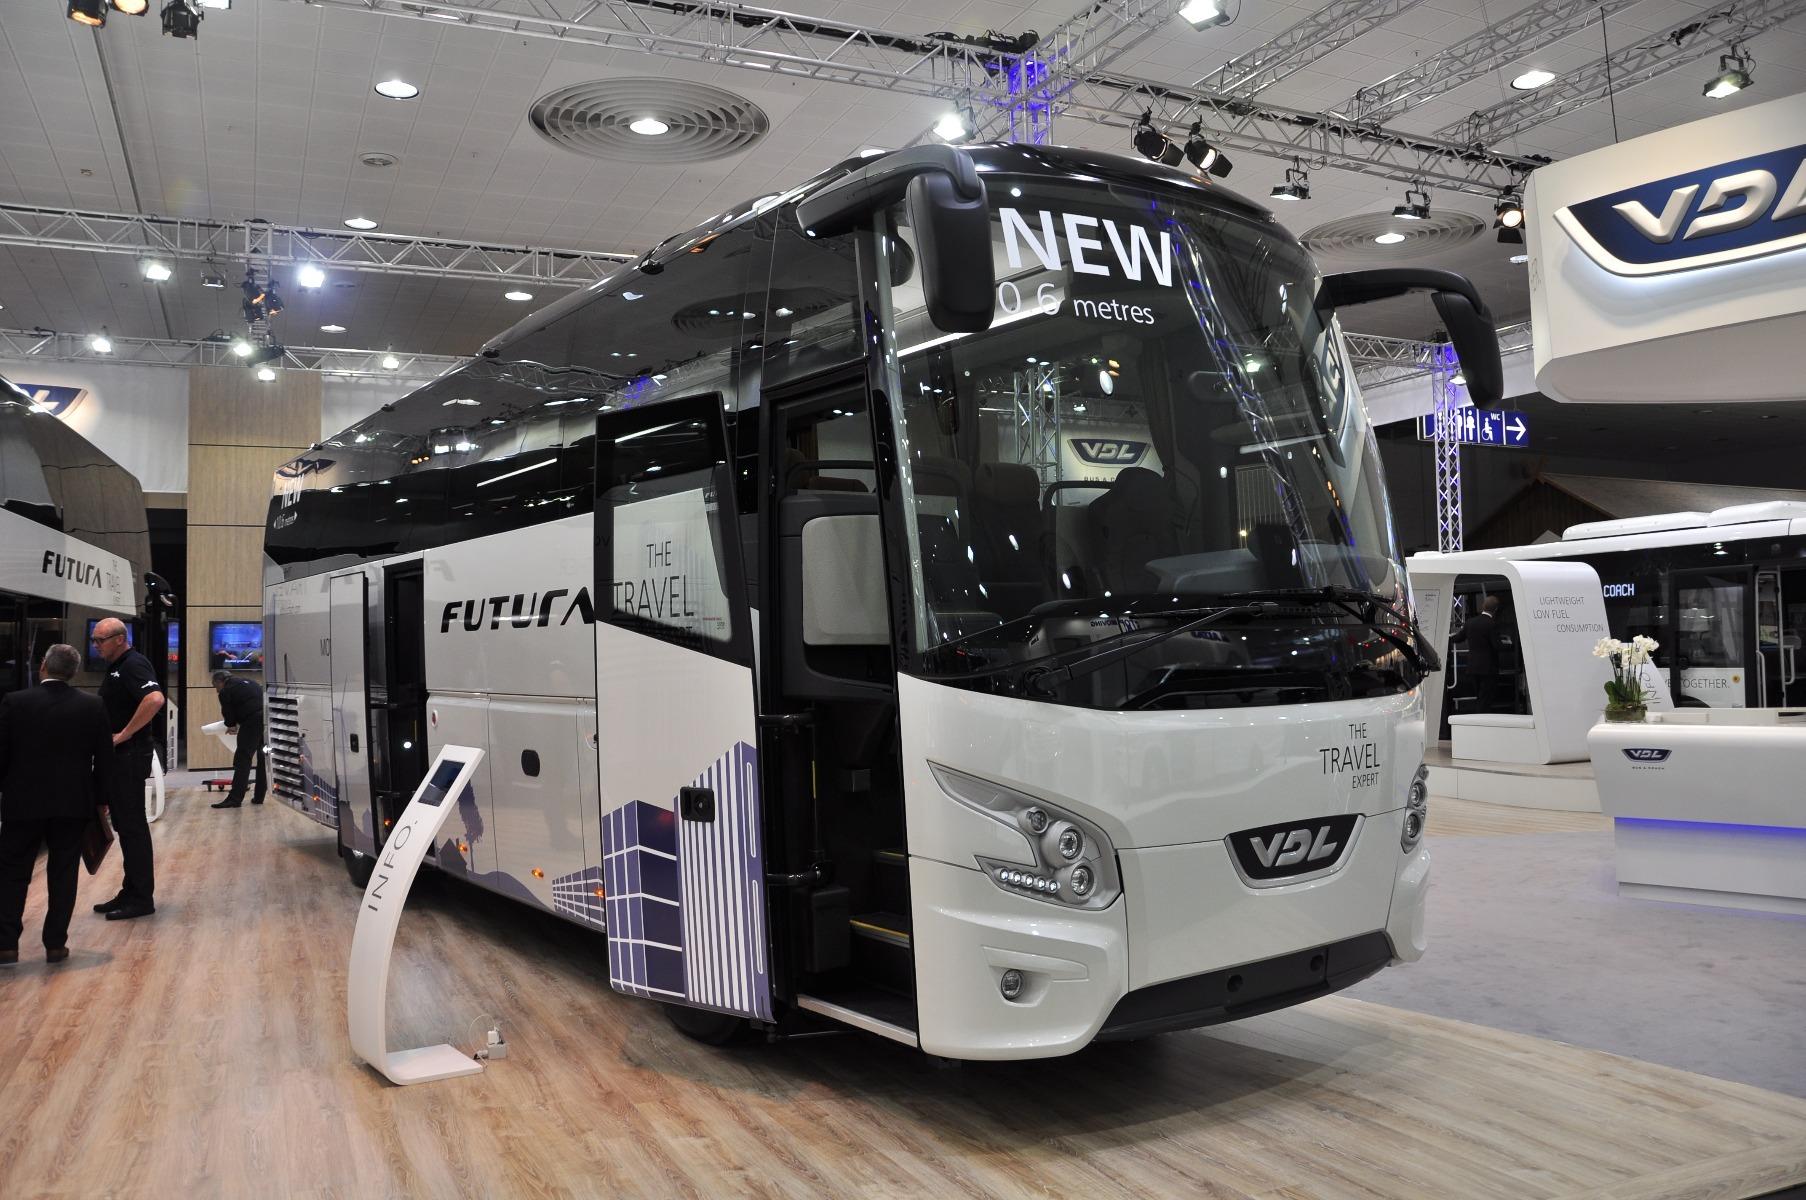 A VDL Futura újdonsága a 10,6 méter hosszú FHD2-106 modell